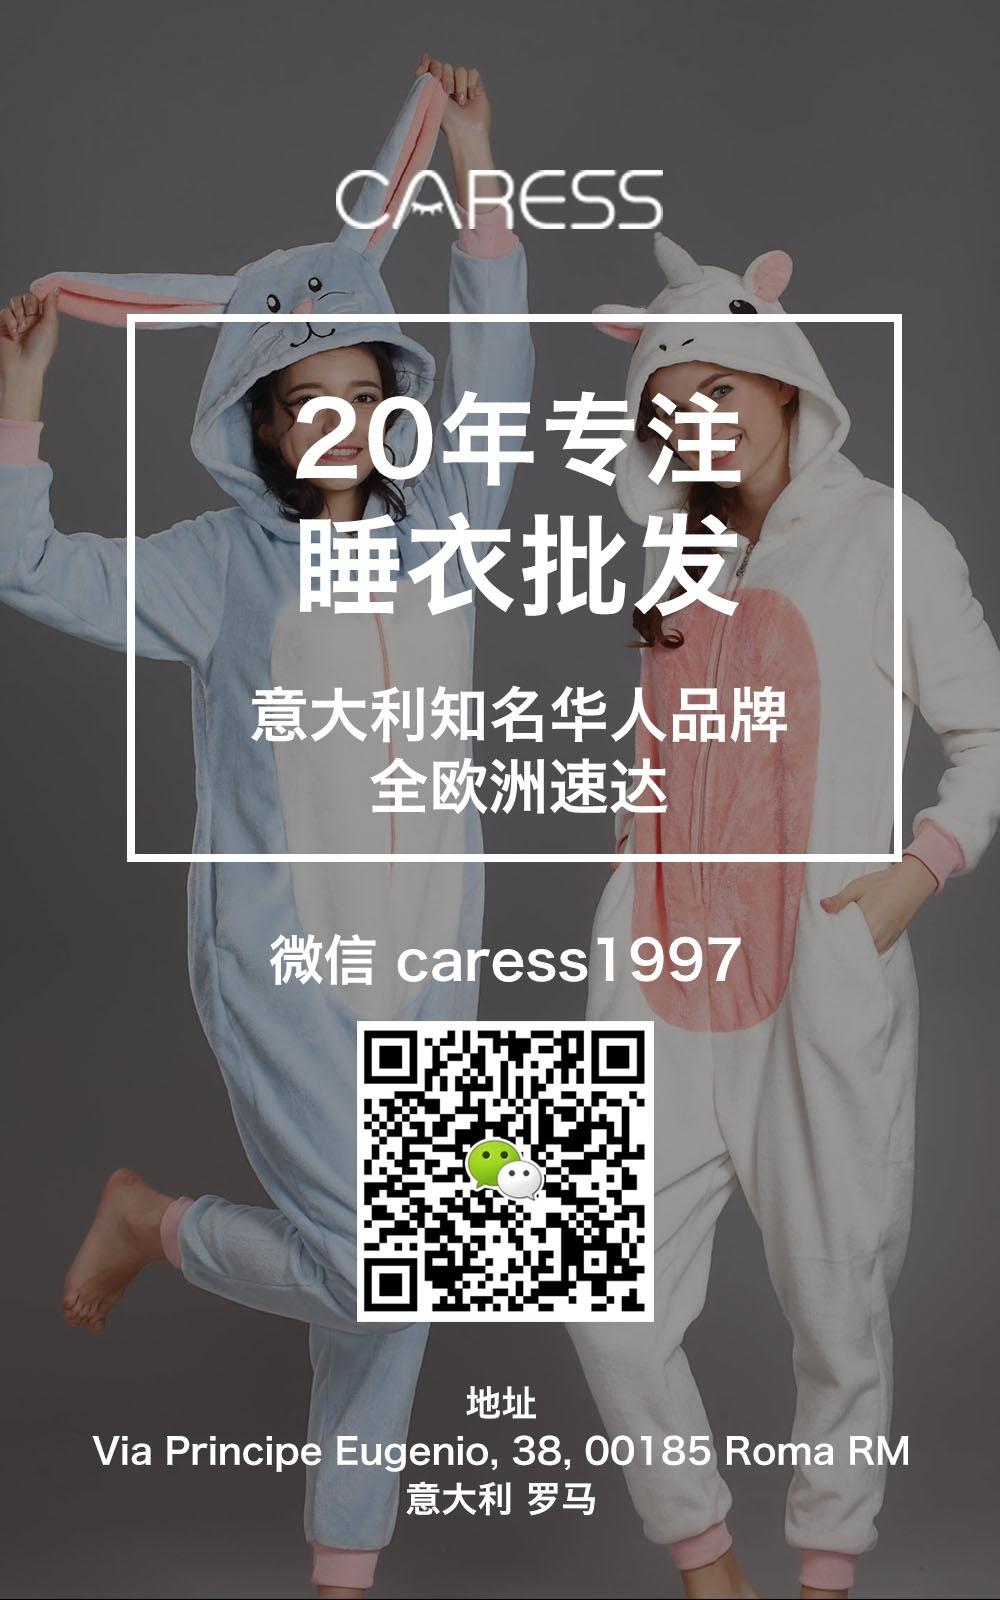 发华人街广告-1.jpg